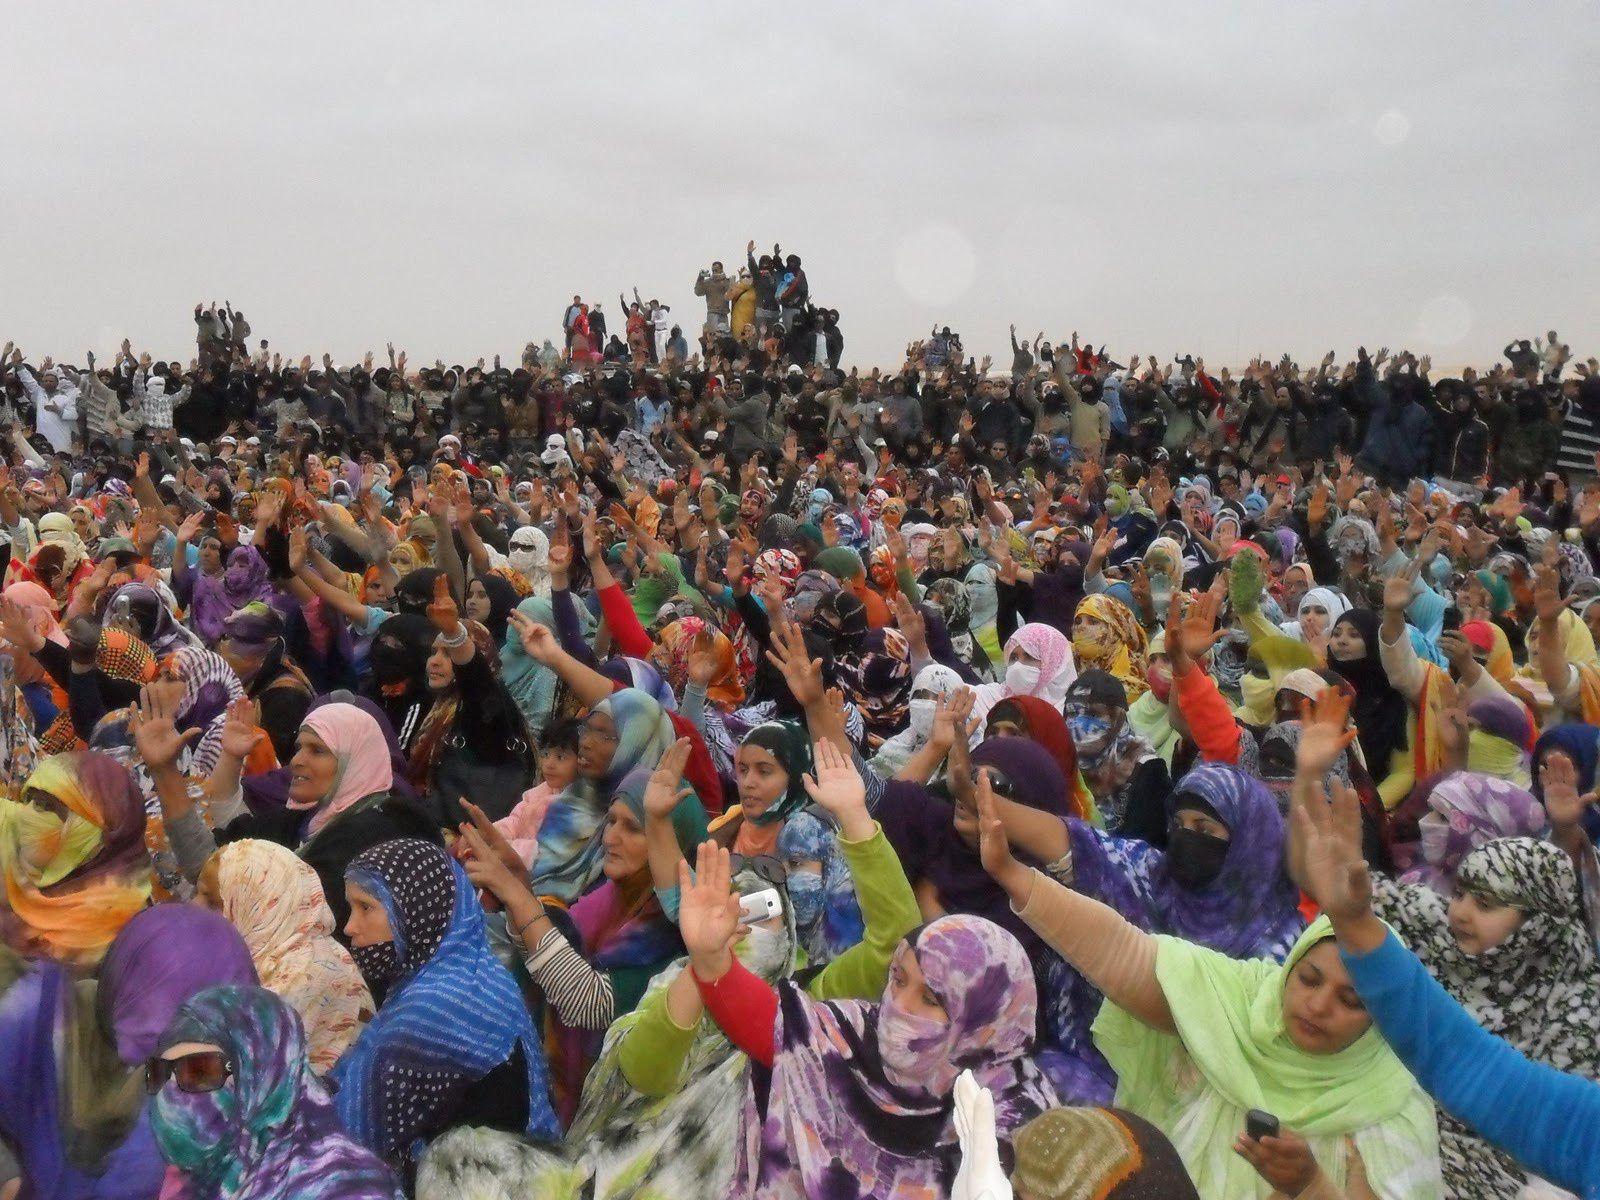 L'historique camp de protestation sahraouie de Gdeim Izik en 2010. Photo DR